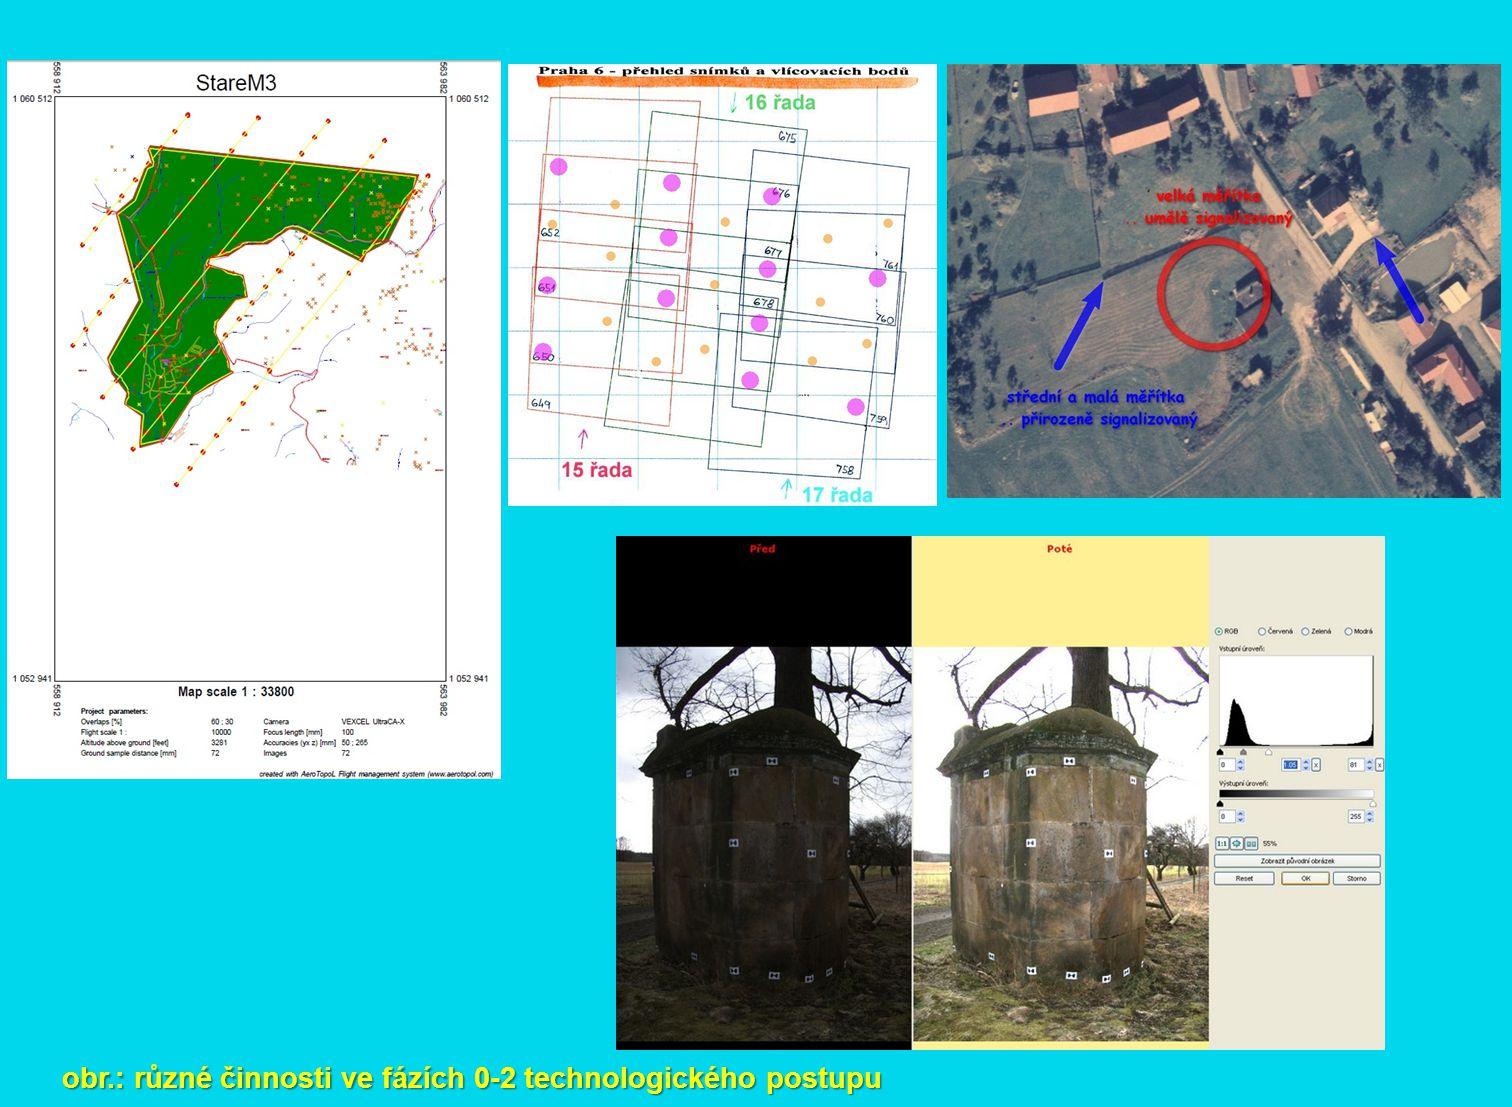 obr.: určování prvků vnější orientace za letu – inerciální měřící jednotka (IMU)